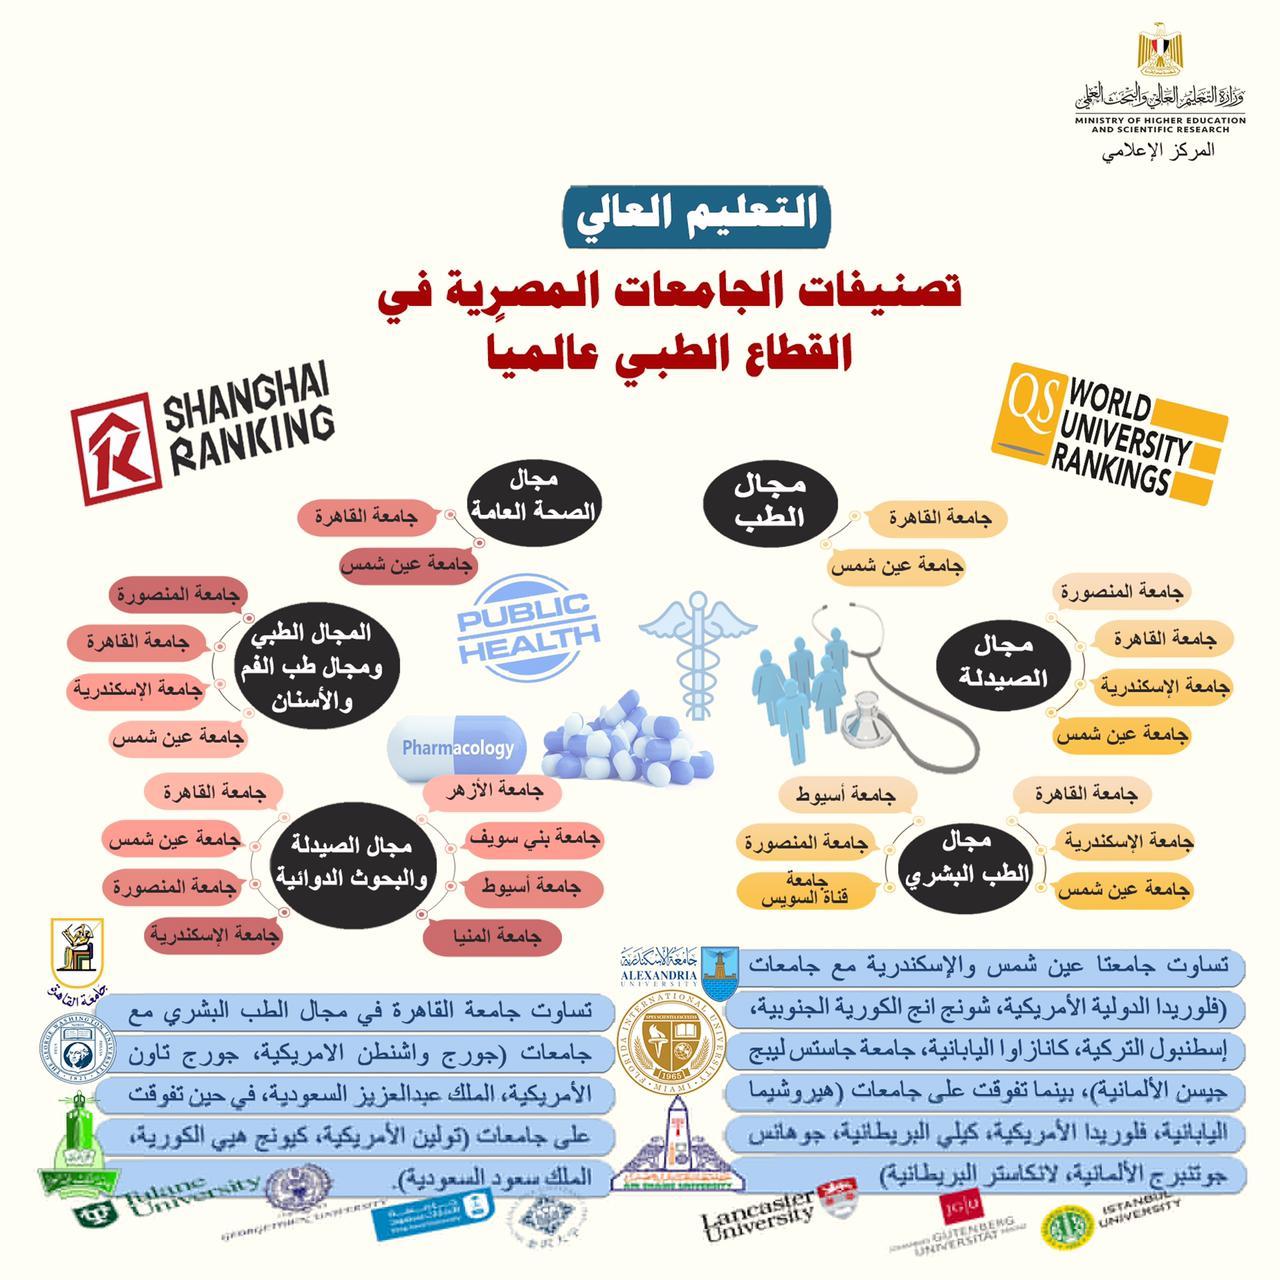 التعليم العالي: قفزة في تصنيفات الجامعات المصرية في القطاع الطبي عالميًا